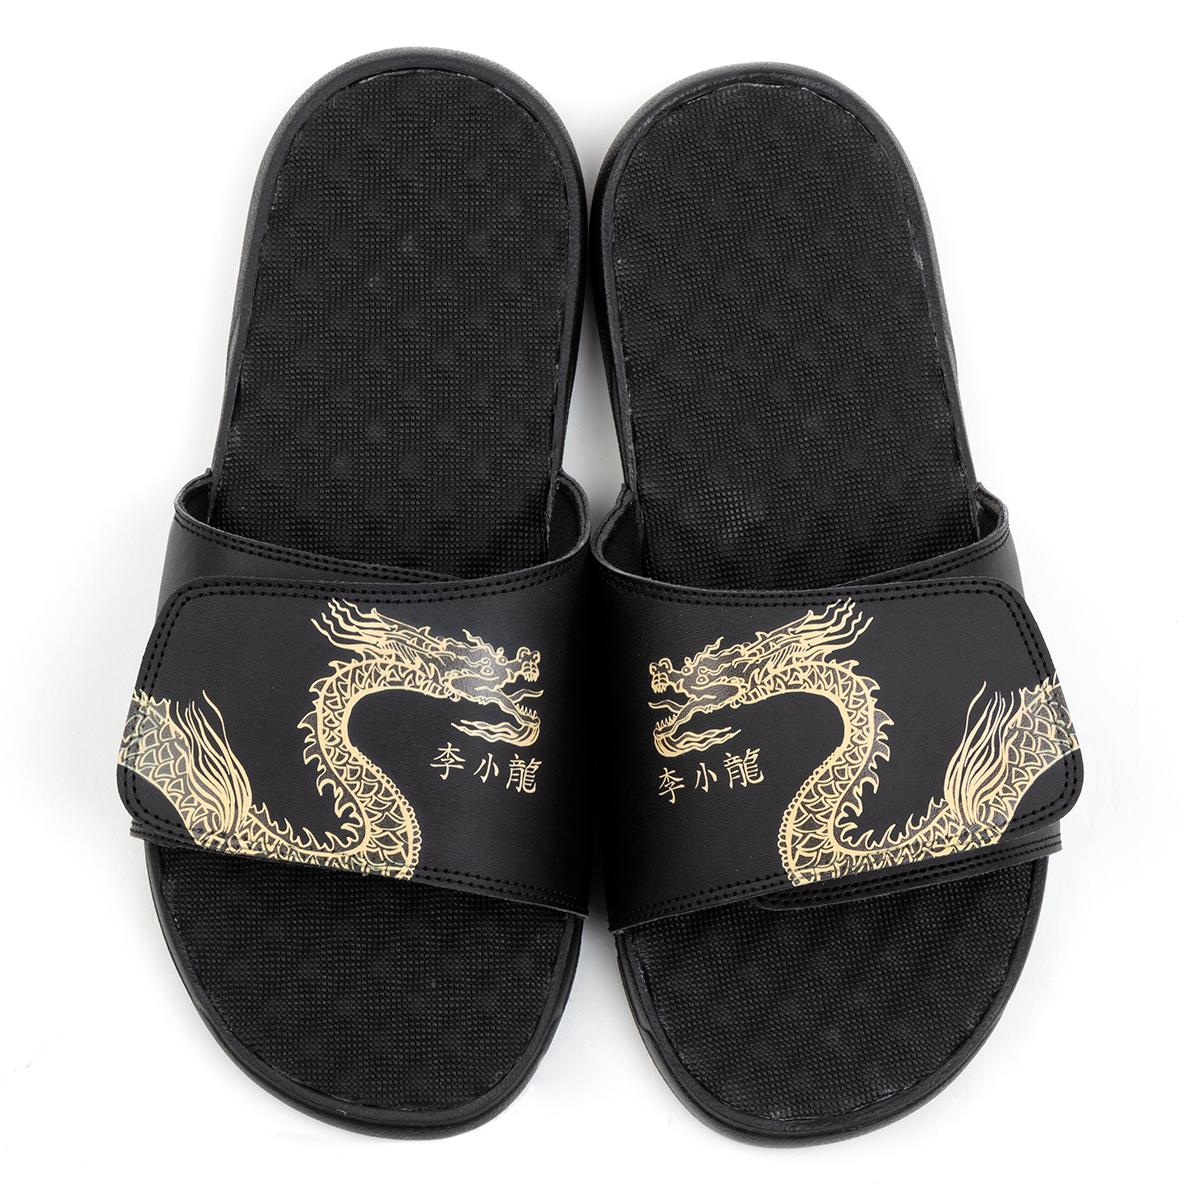 Lee Little Dragon Slides